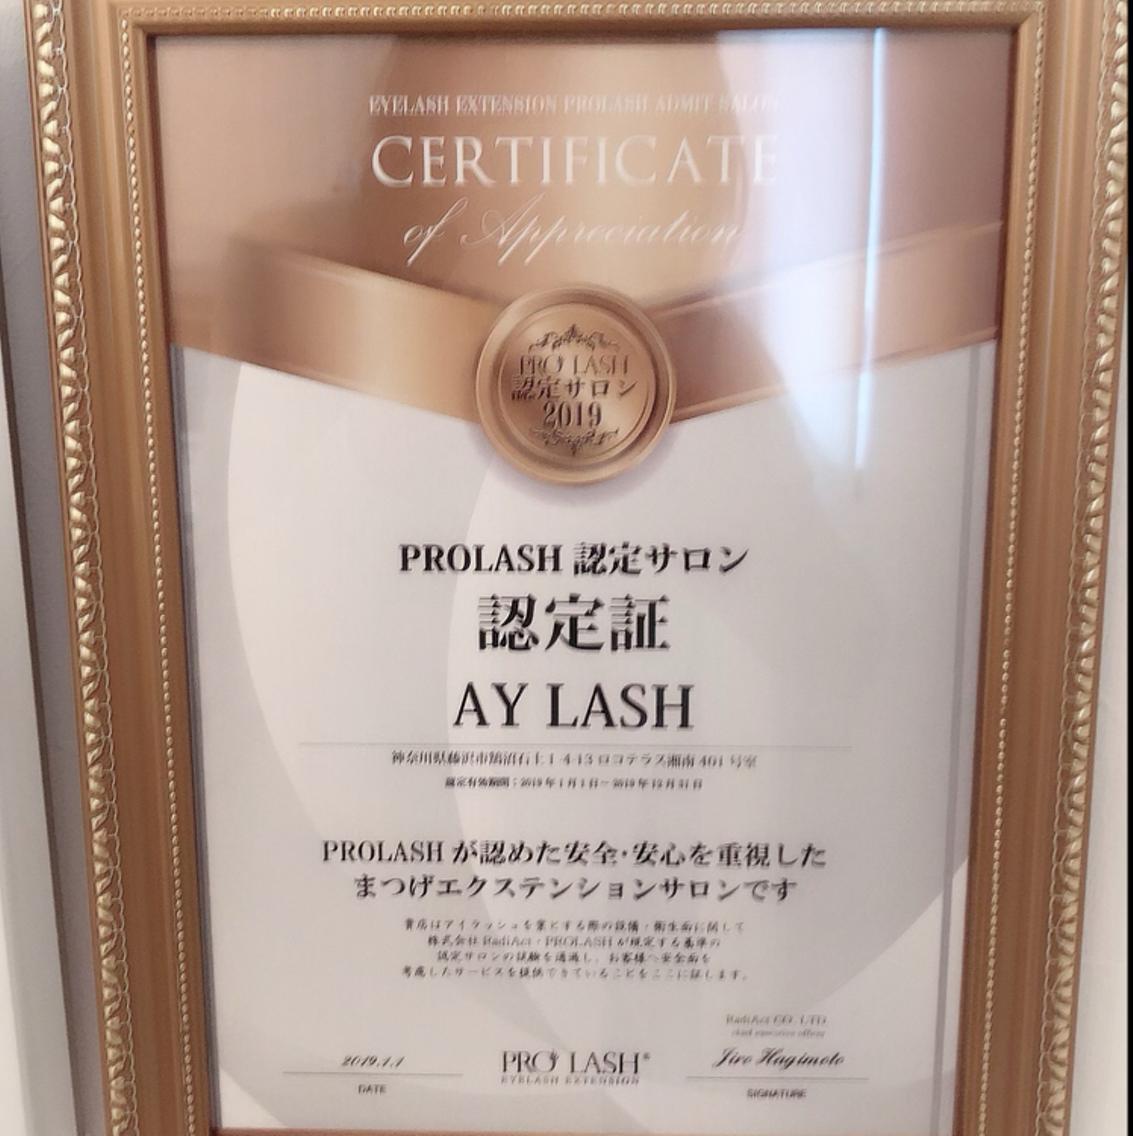 AYLASH所属・AYLASH藤沢店の掲載